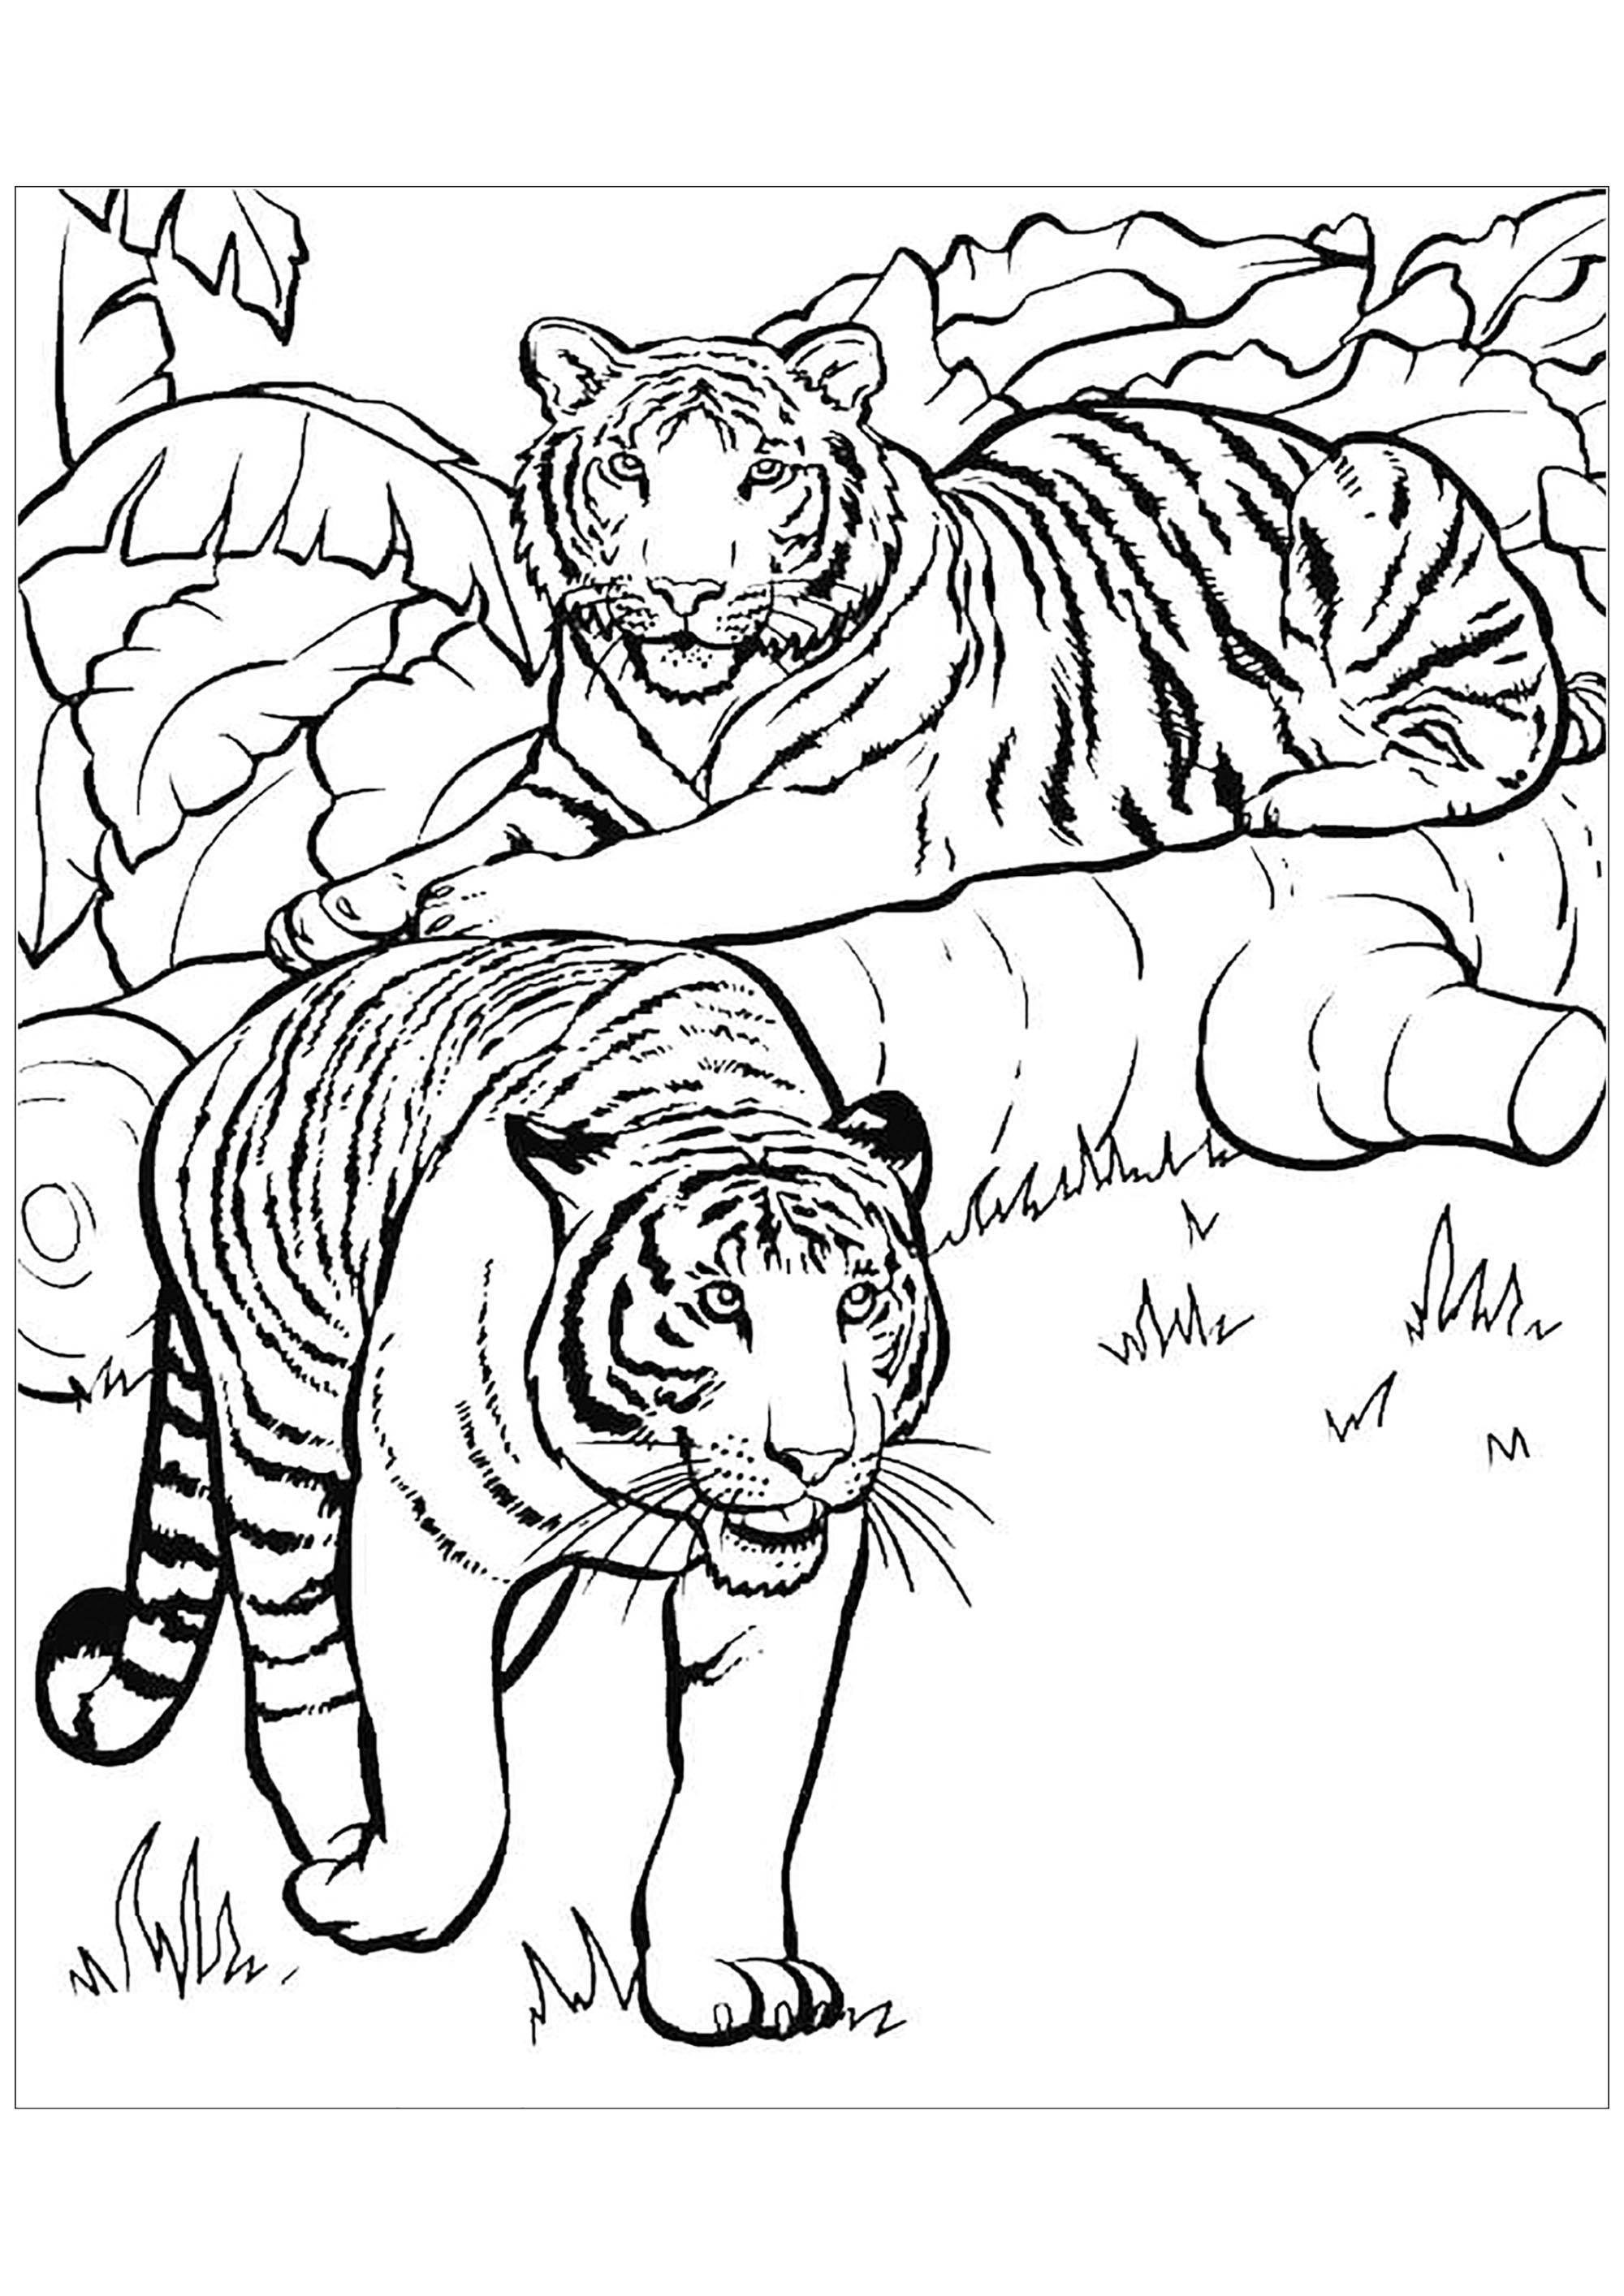 Tranh tô màu hai con hổ rất đẹp